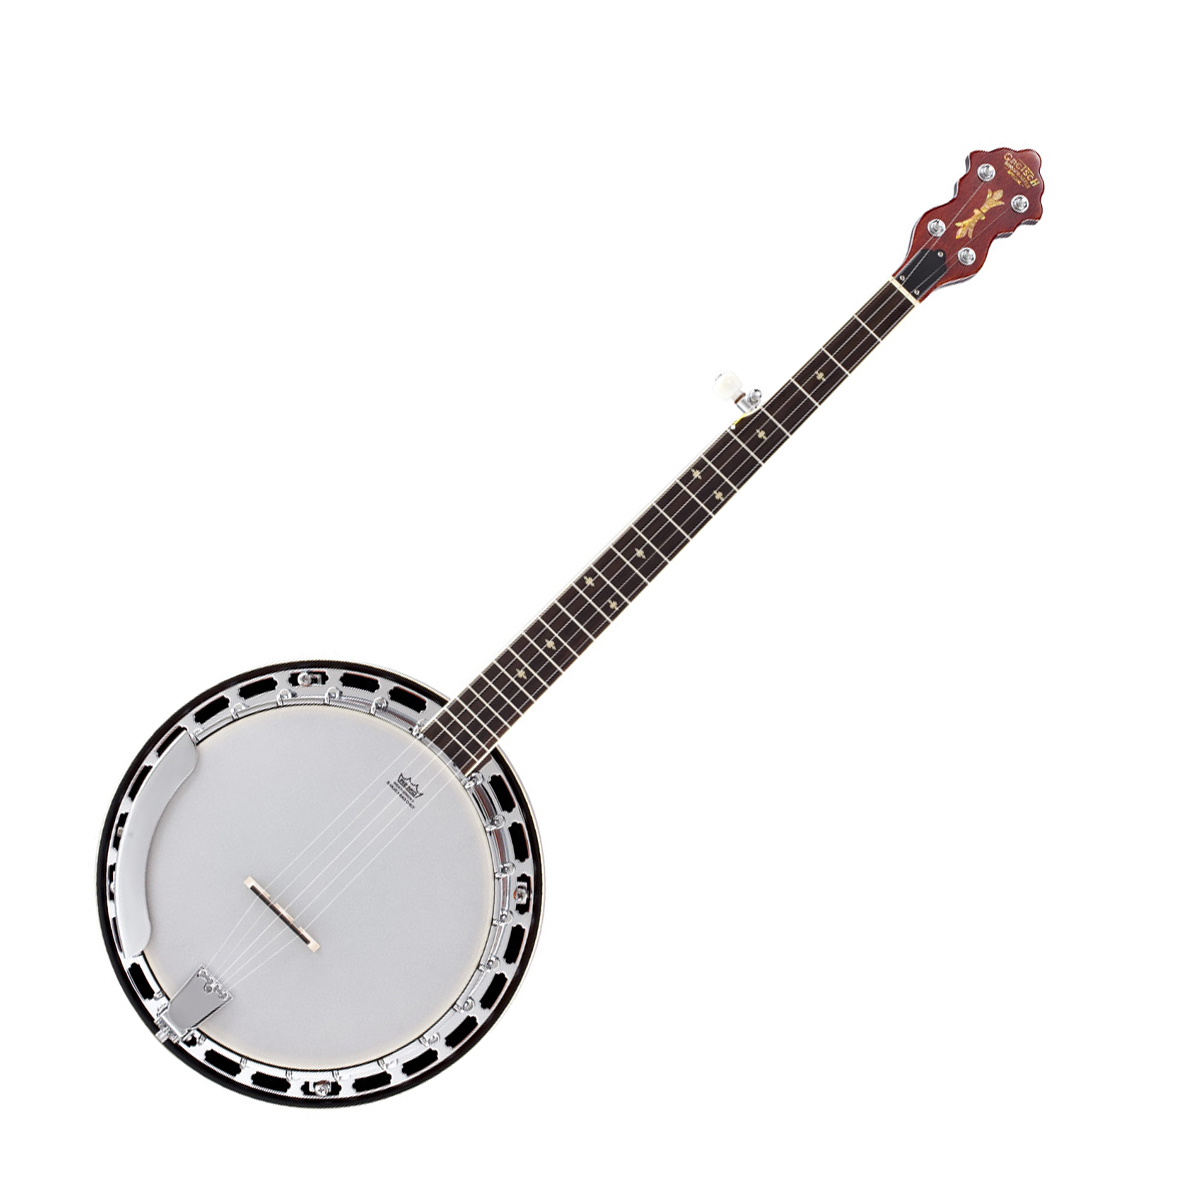 gretsch broadkaster - Gretsch Broadkaster Special Banjo